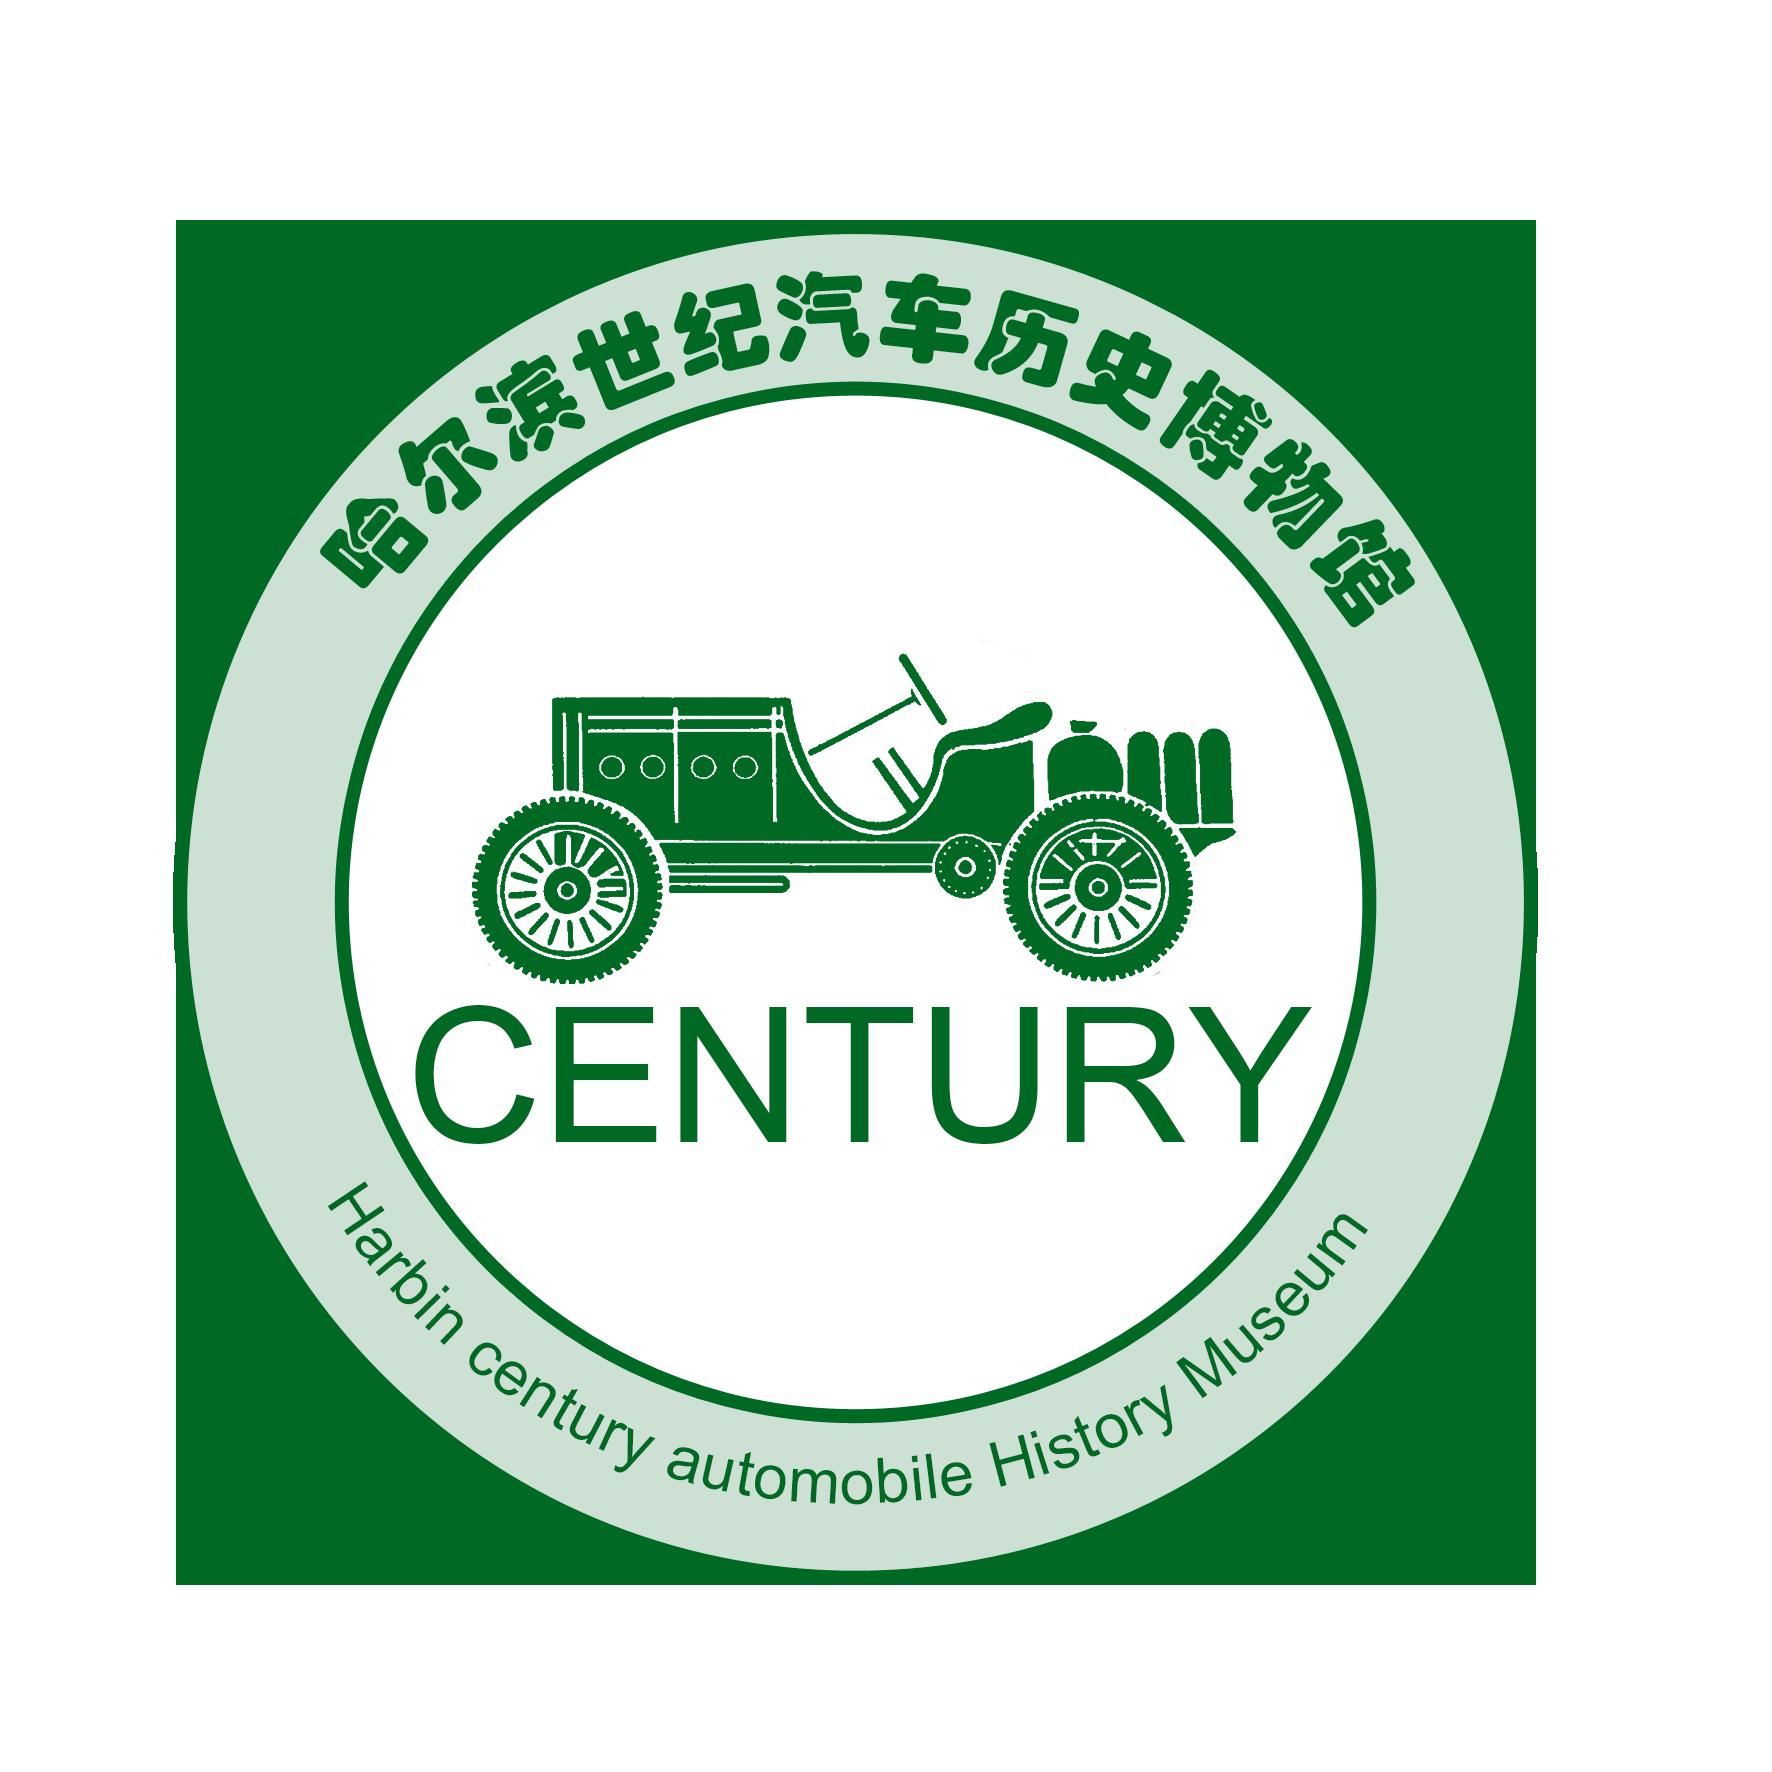 喜讯:哈尔滨世纪汽车历史博物馆获评国家二级博物馆!